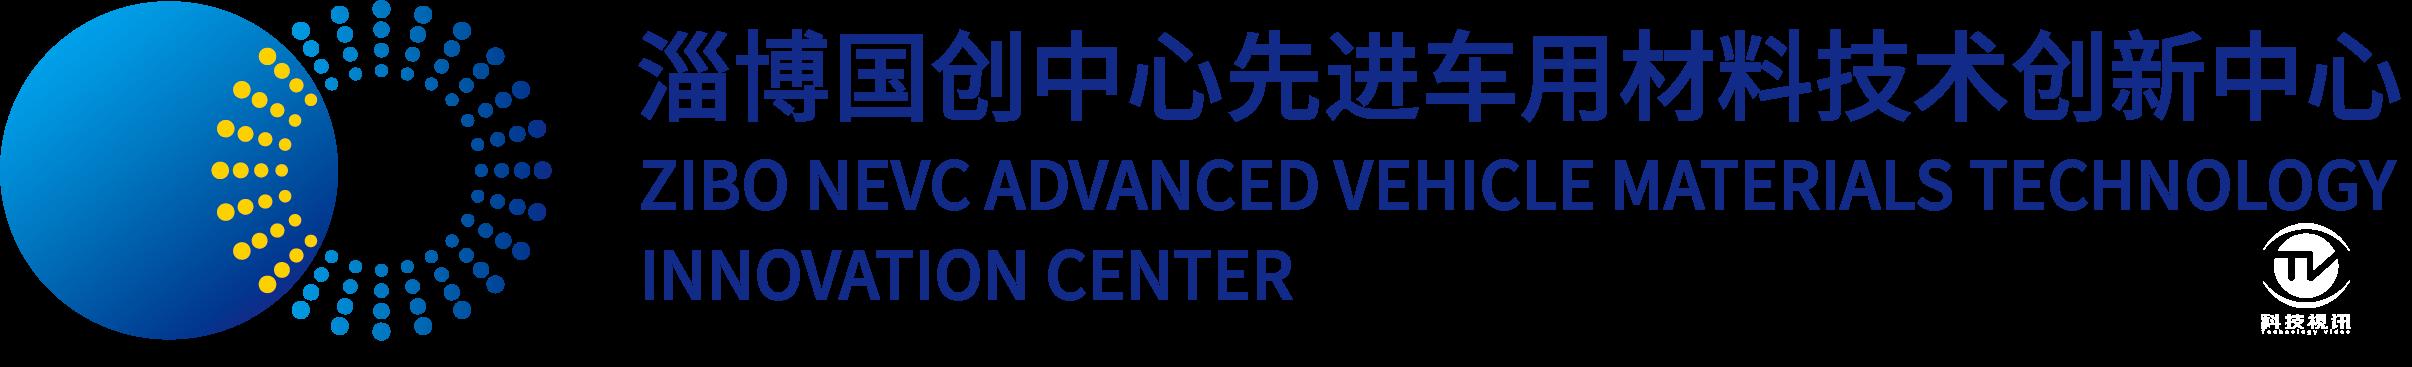 图4_淄博国创中心先进车用材料技术创新中心.png